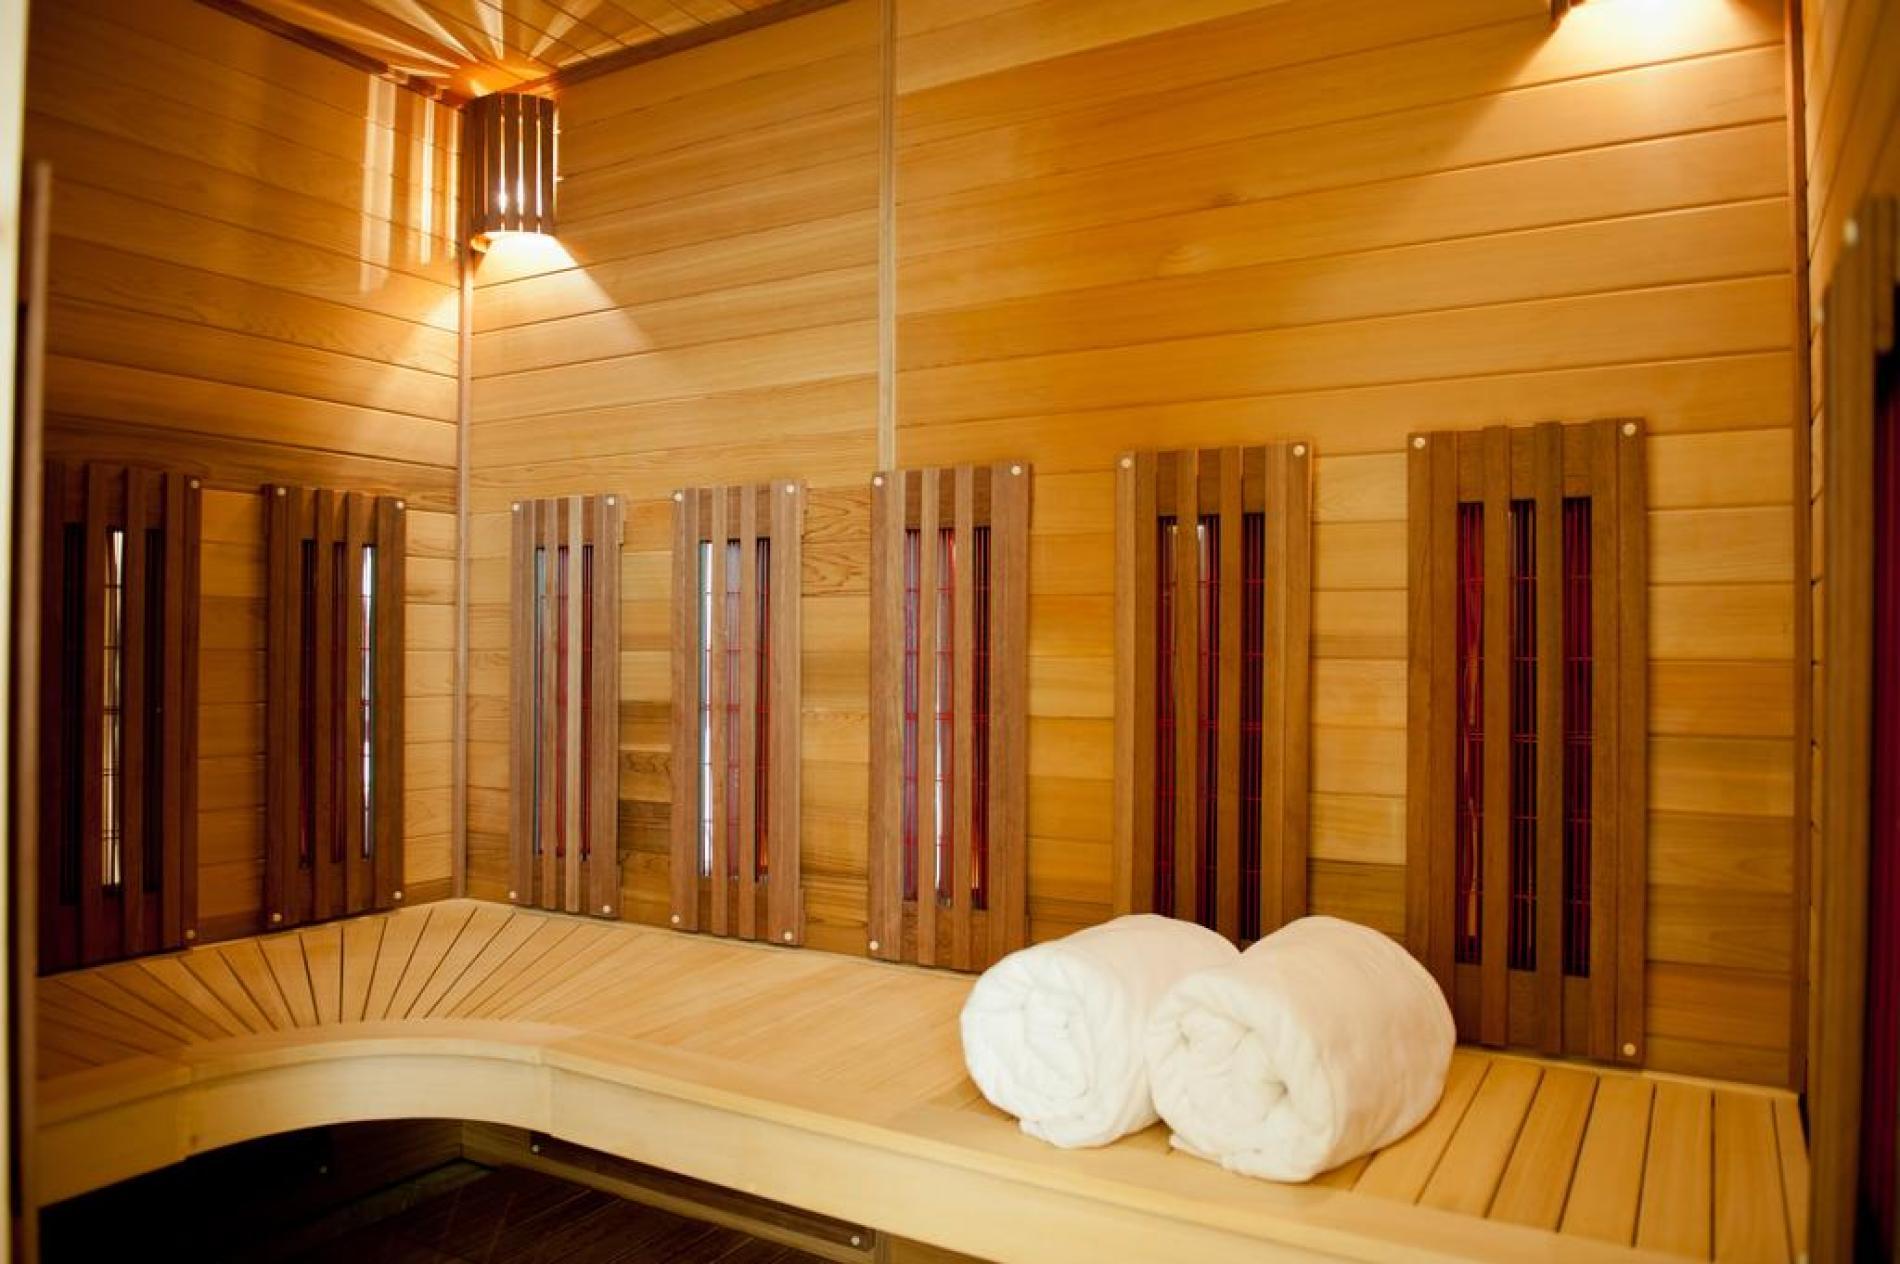 Sauna en accès libre de 17h00 à 19h00